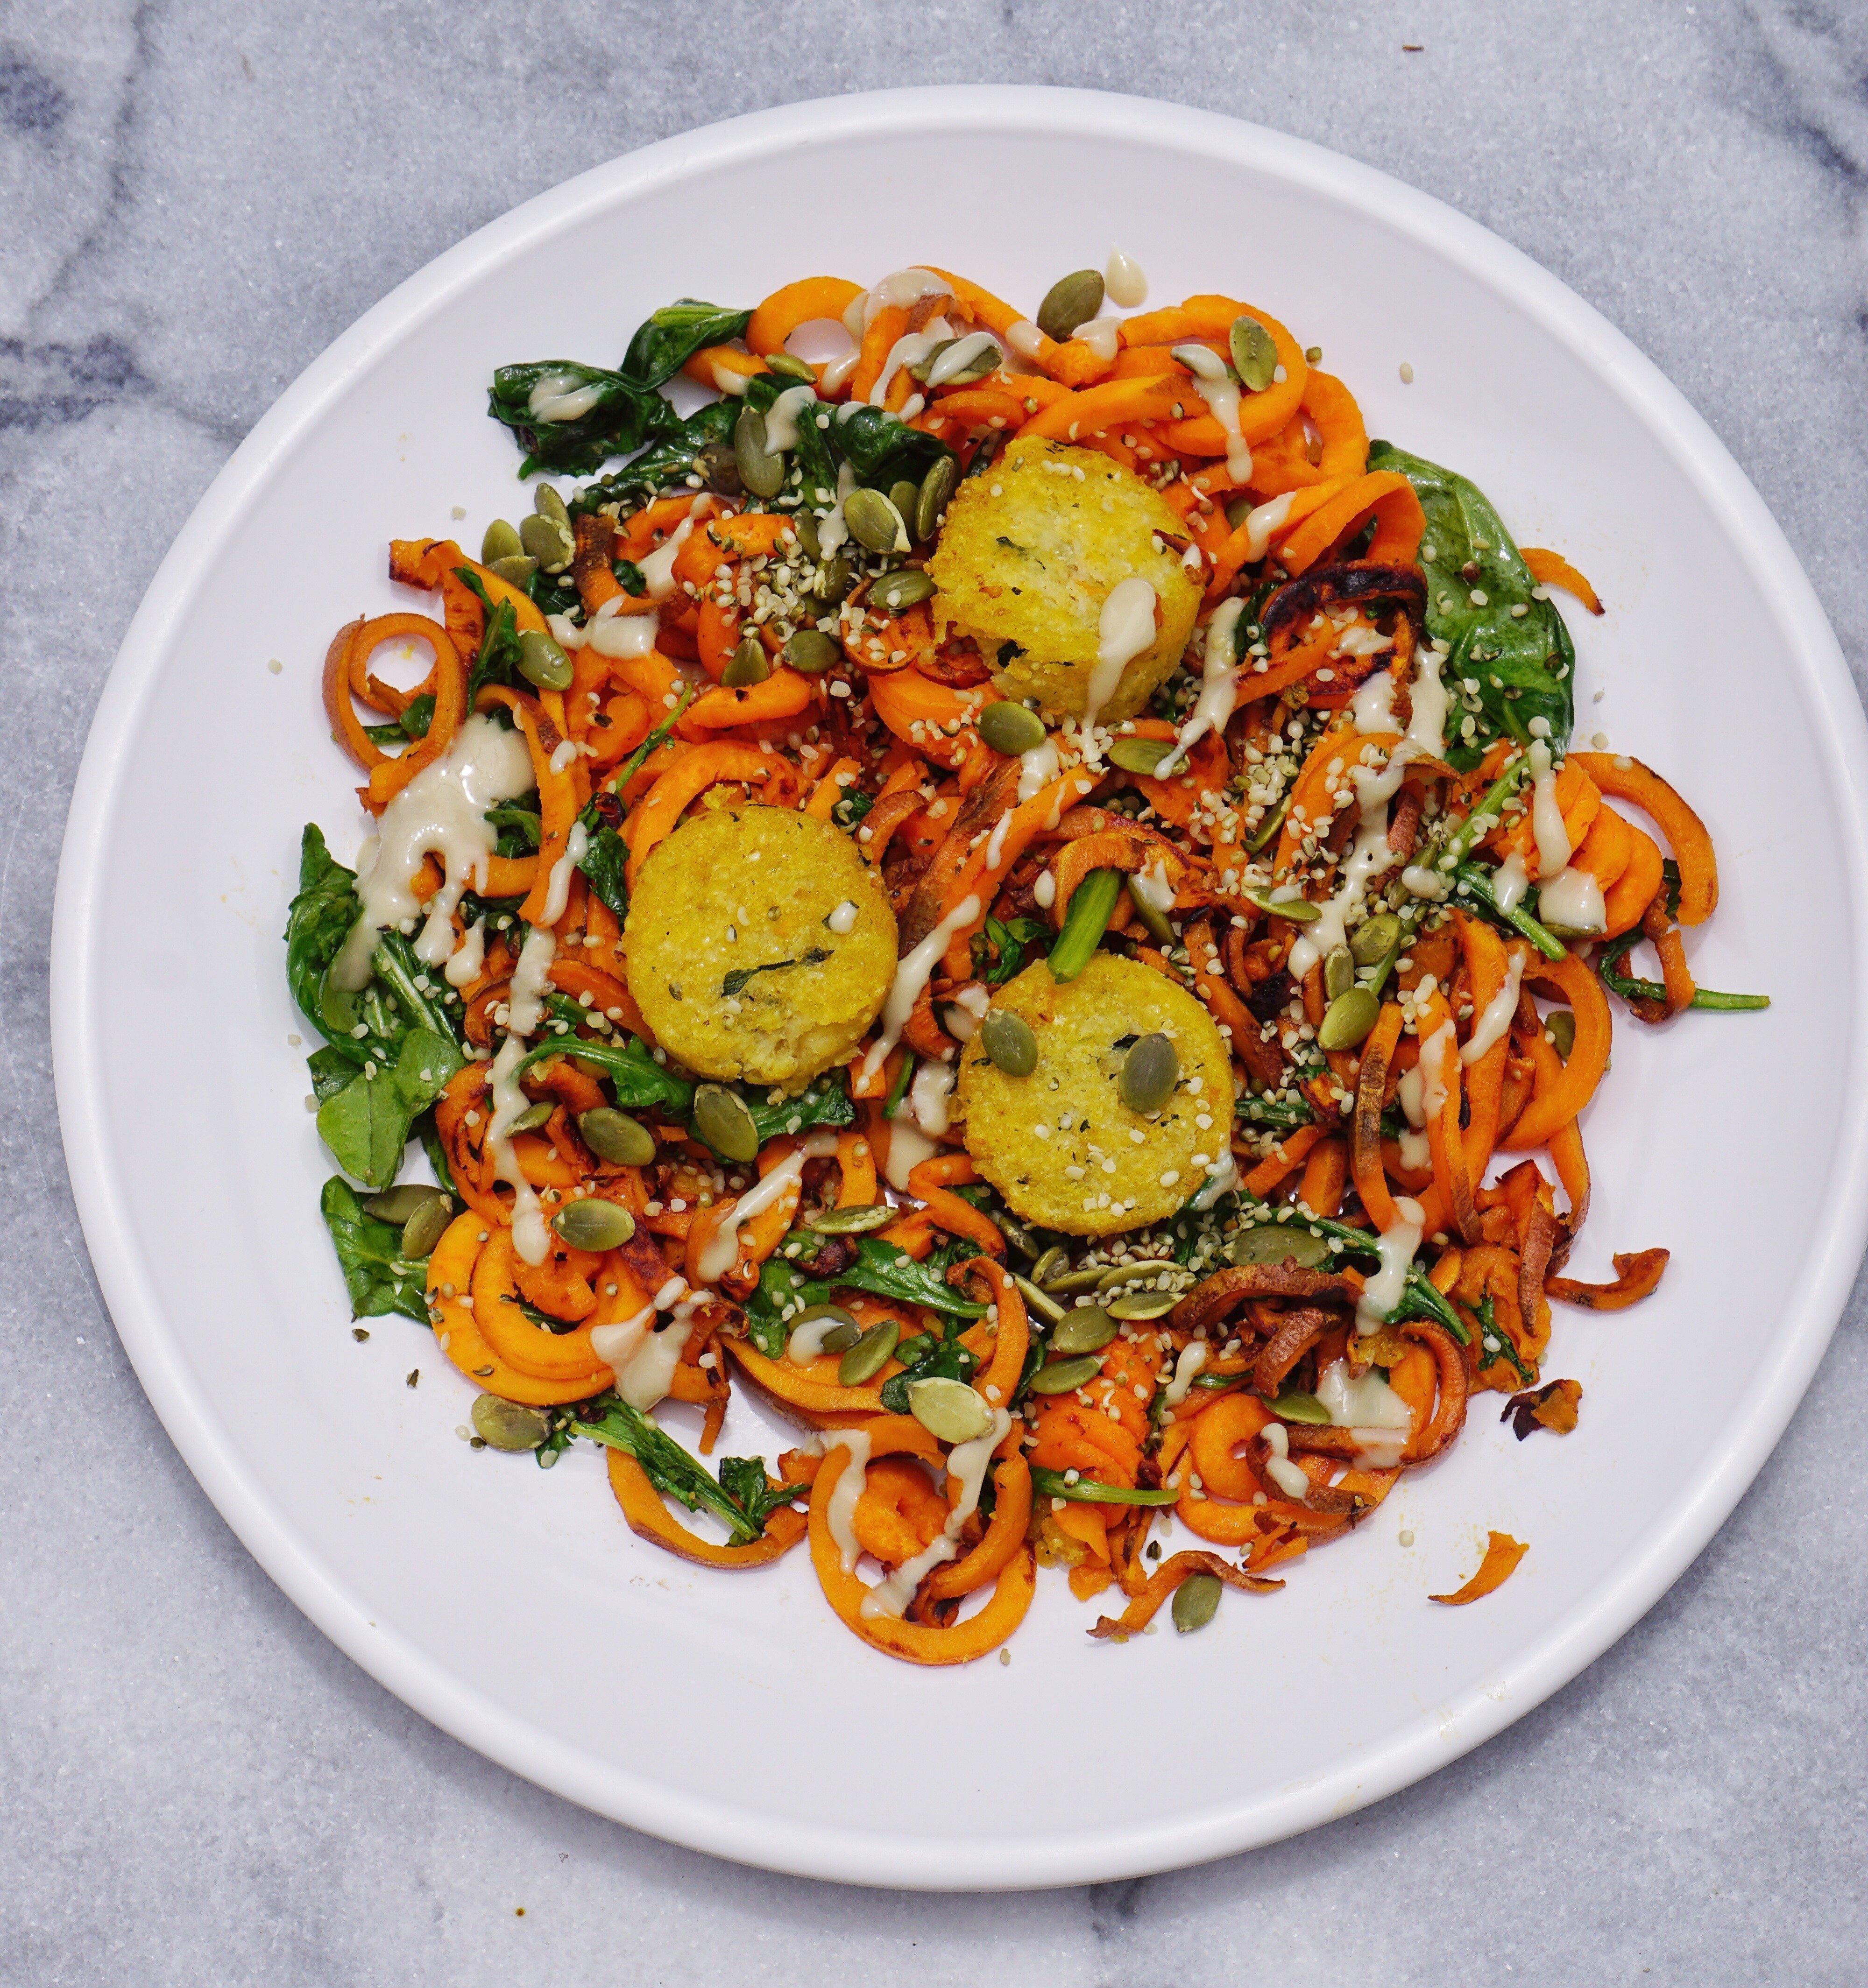 Sweet Potato Noodles Leahs Plate - Sweet Potato Noodle Stir Fry